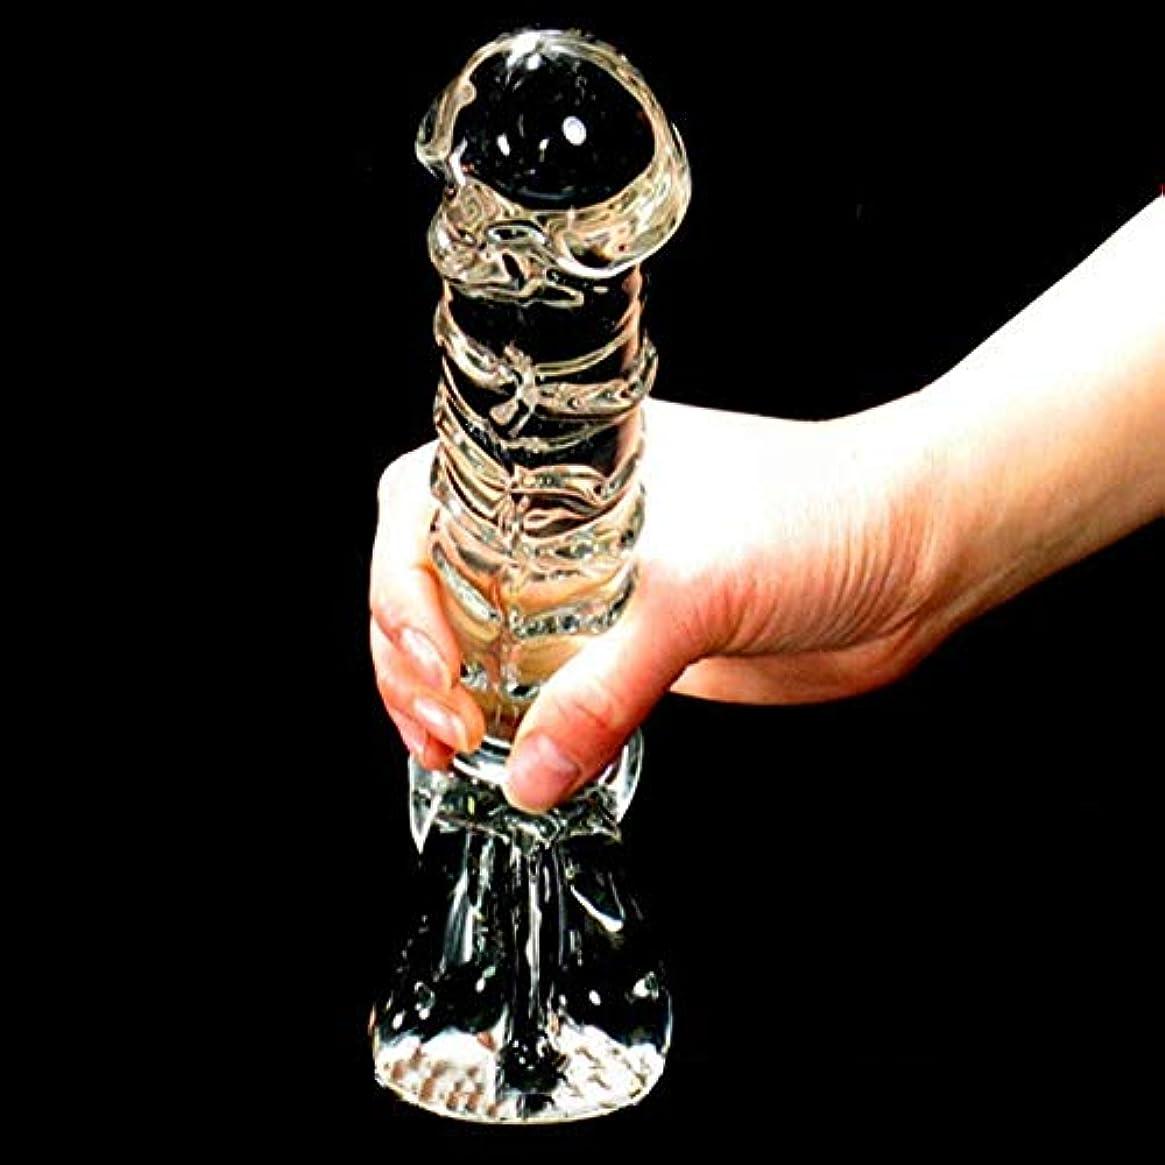 から聞く試みる砲兵KGJJHYBGTOY オナニー女性ガラス大きなガラスペニス大人のガラスウェア大人向け製品 RELAX MASSAGE BODY